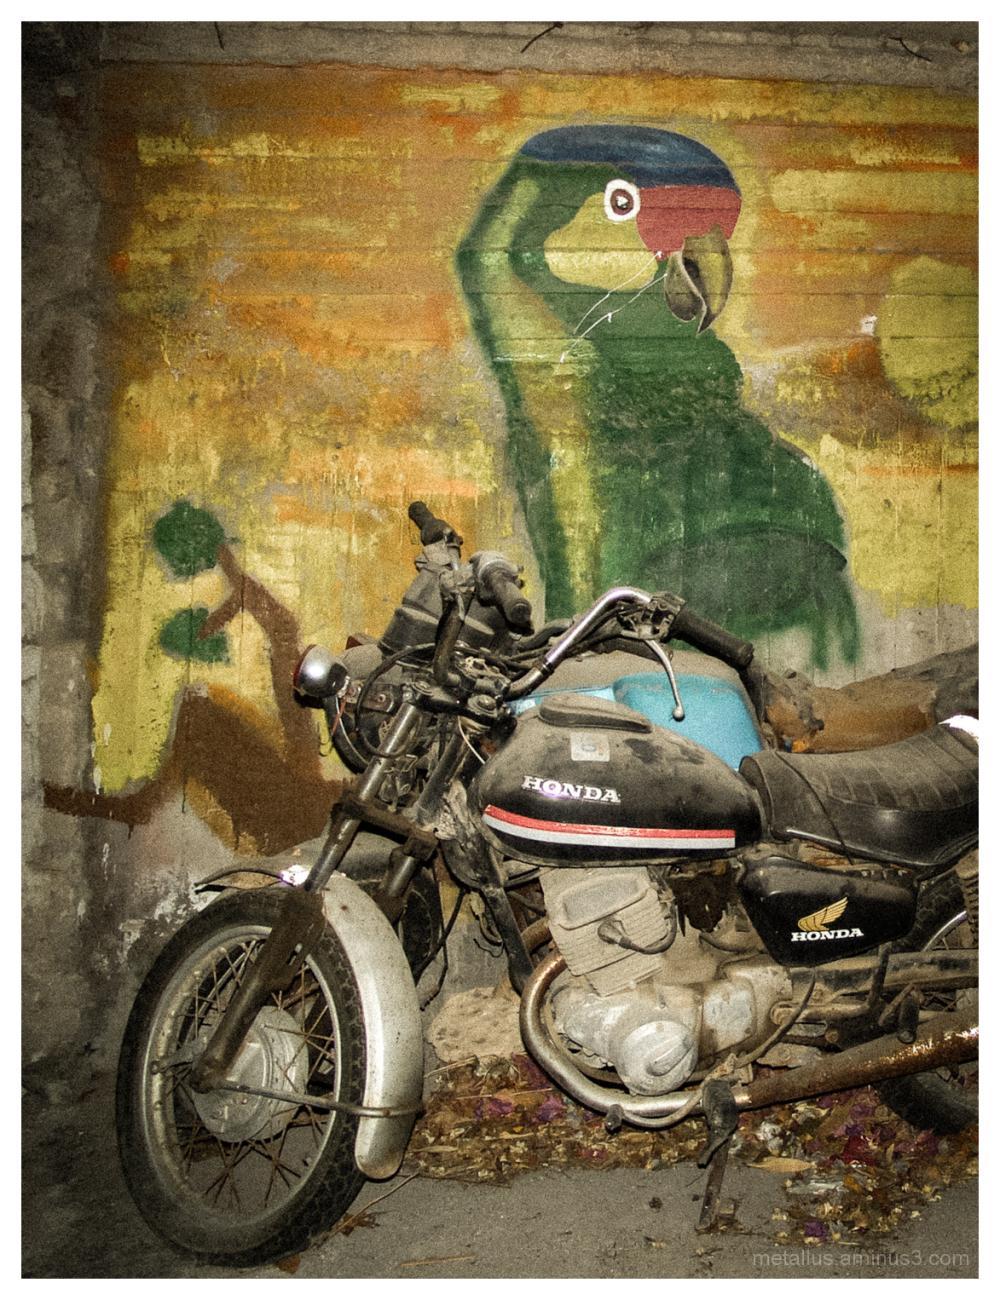 Motorbike and graffiti at Koroni, Greece